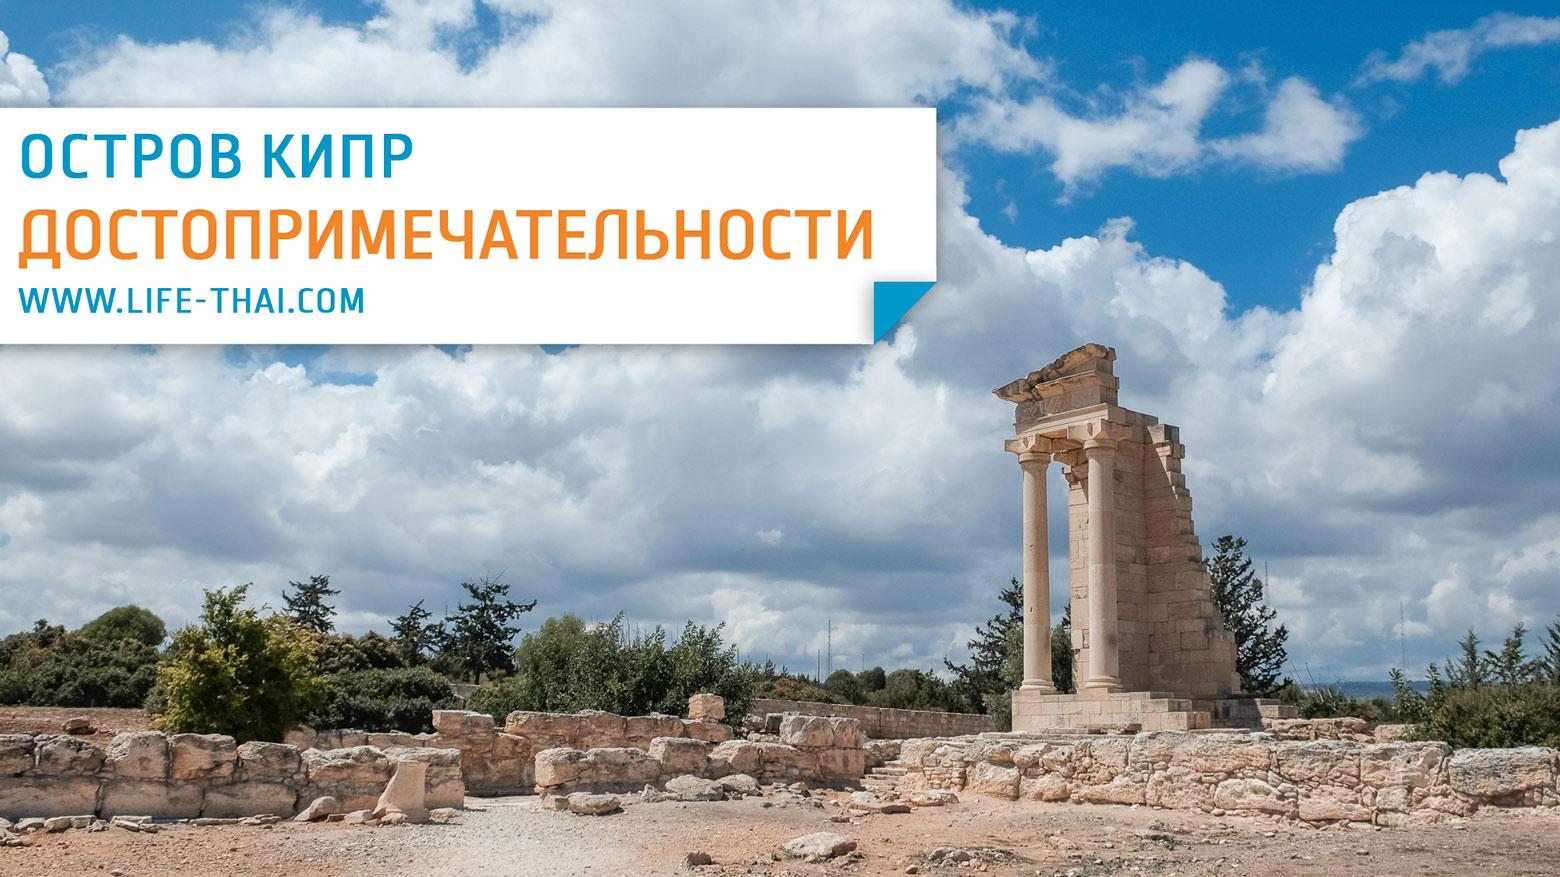 Достопримечательности Кипра. Что посмотреть на острове